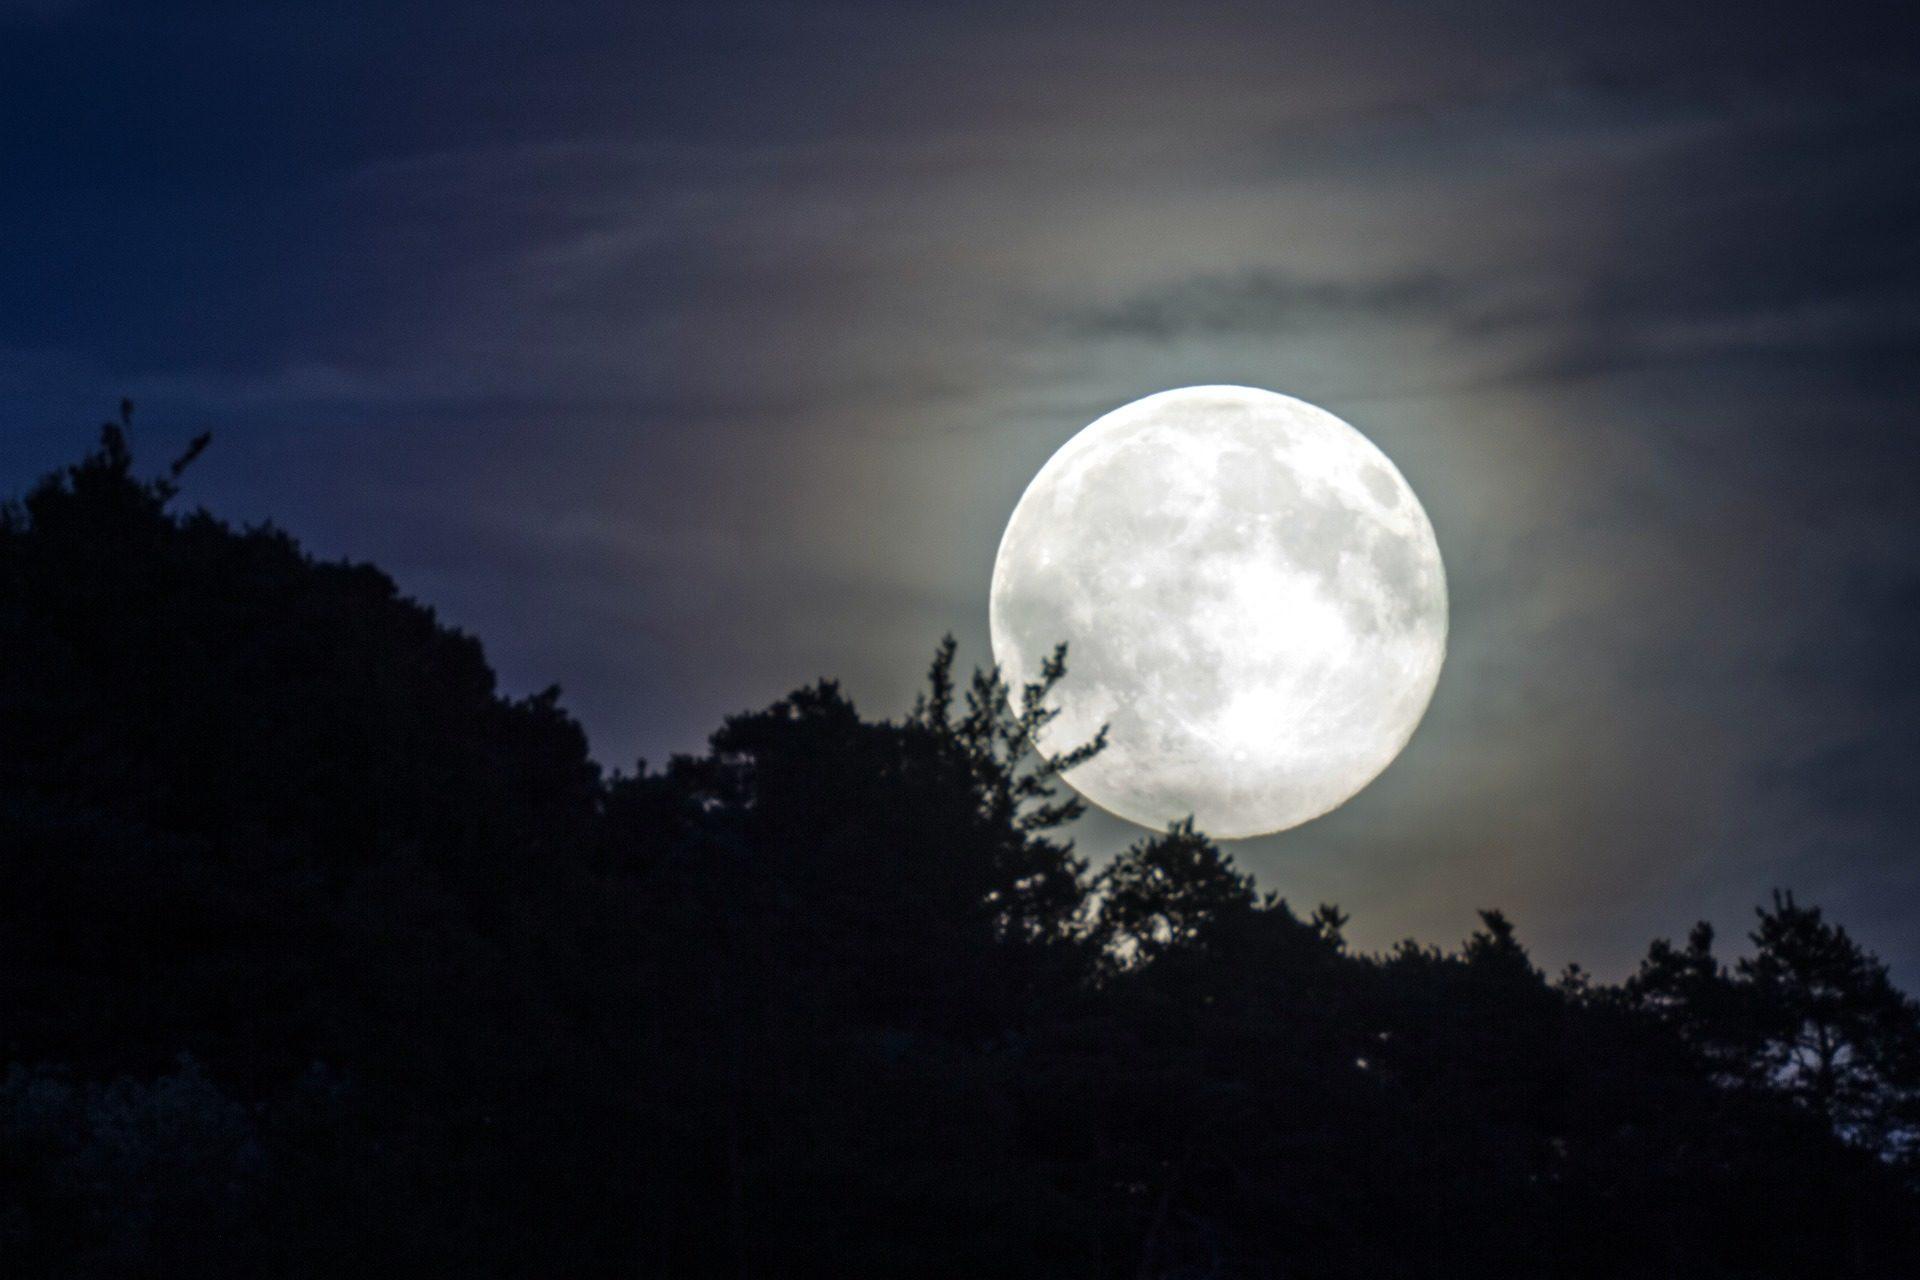 Lua, completo, à noite, floresta, sombras, luz - Papéis de parede HD - Professor-falken.com